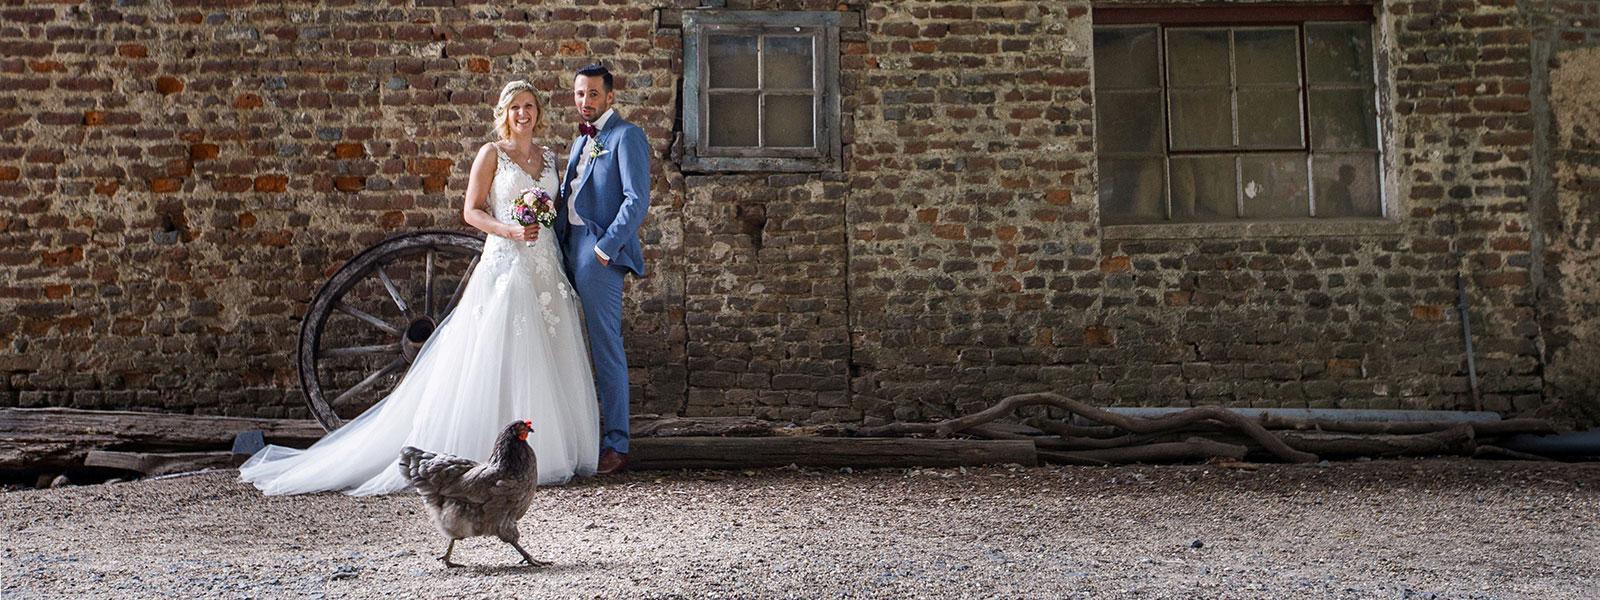 Hochzeitsfotograf Köln Goch Kleve - Brautpaar mit Huhn